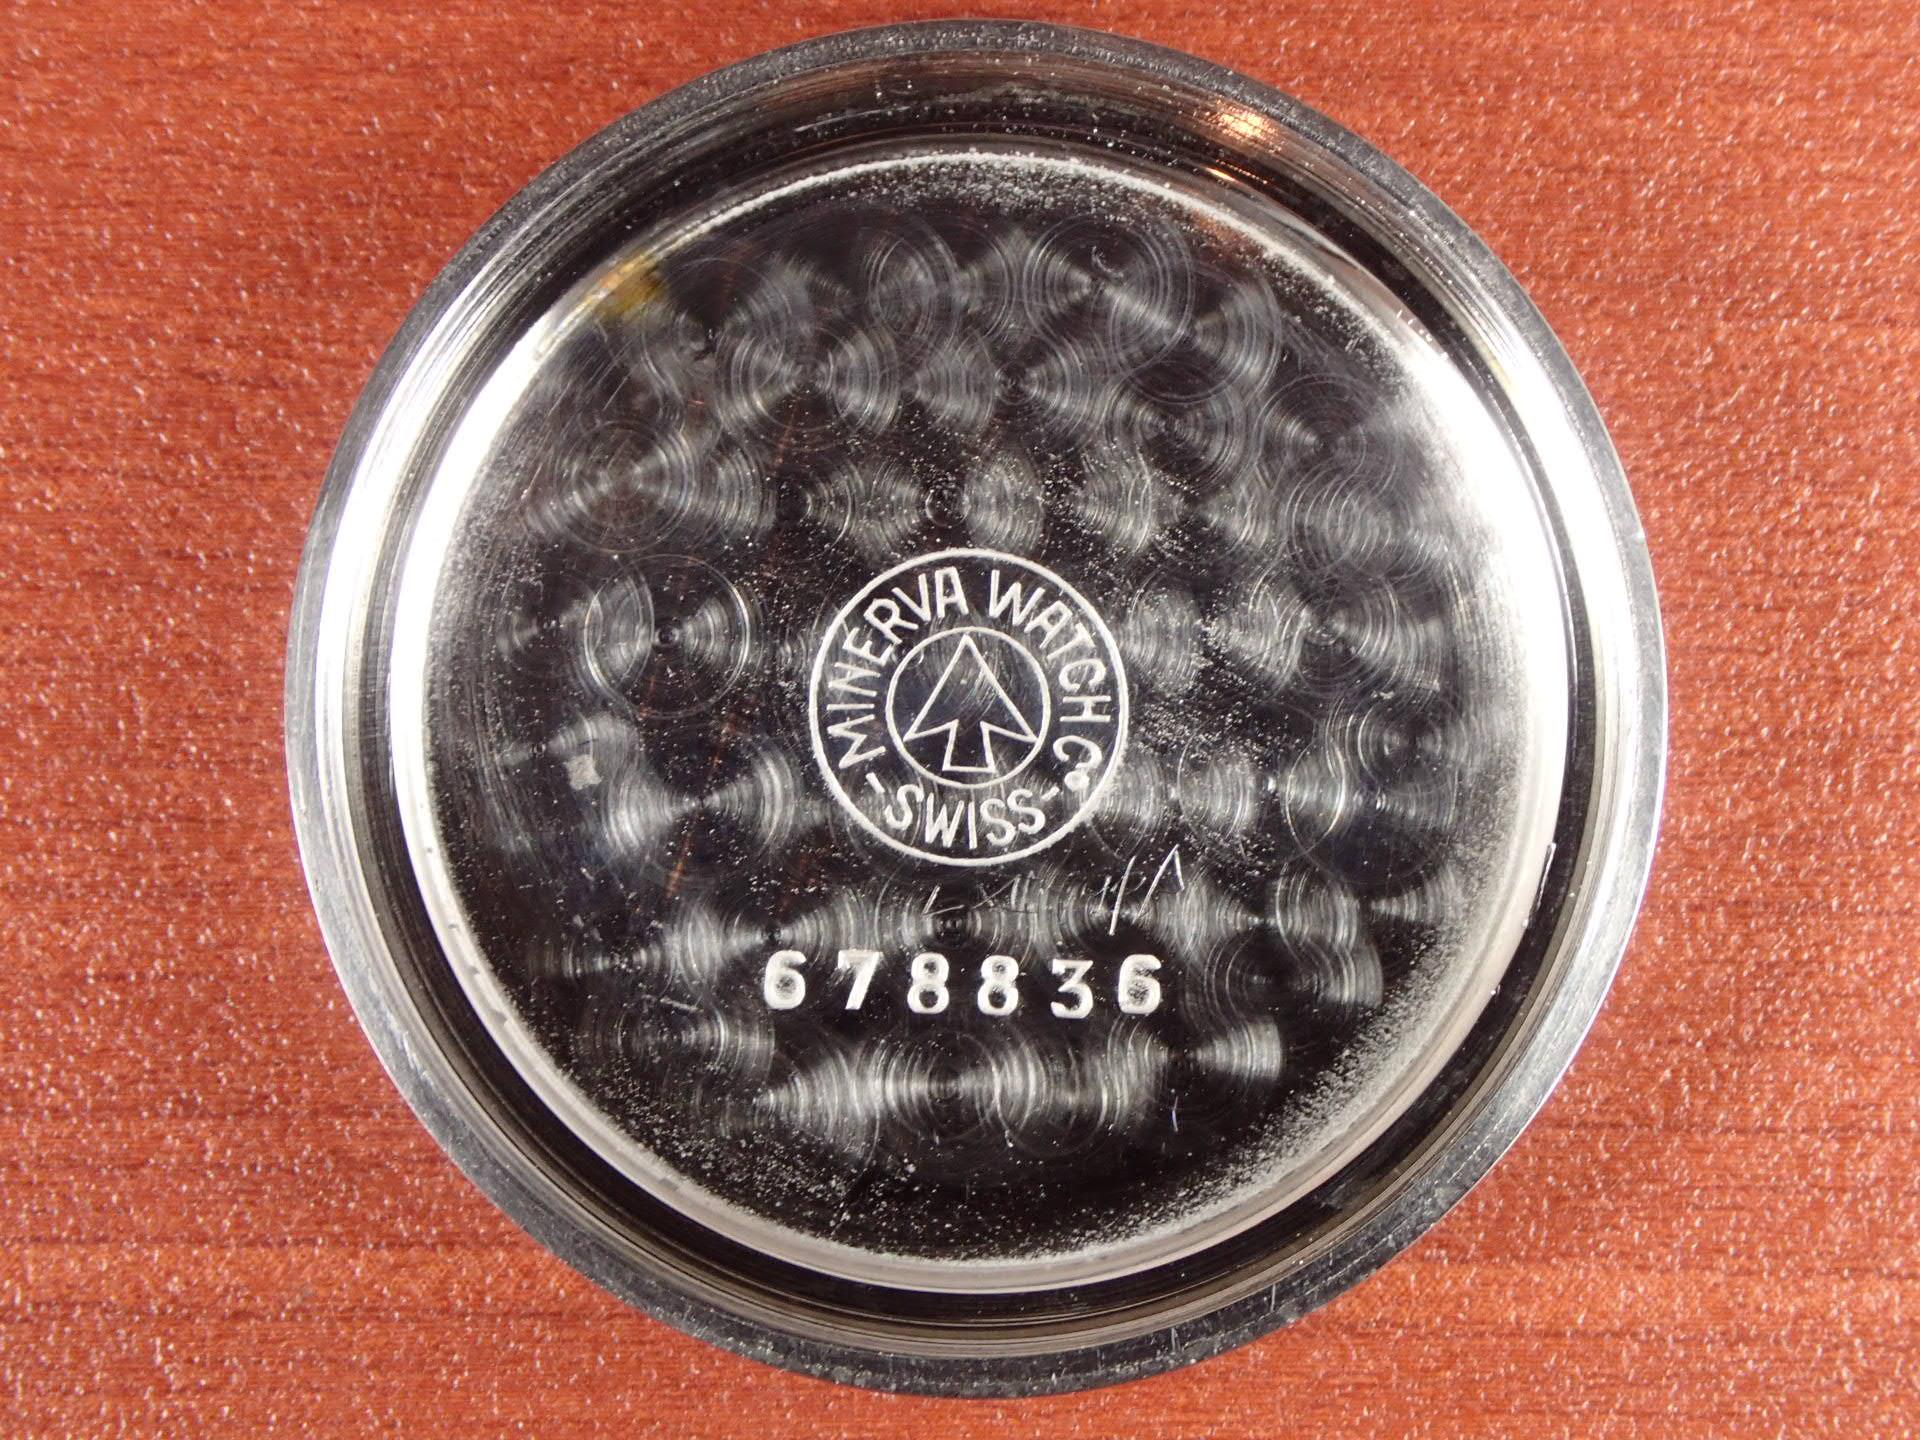 ミネルバ Cal.20CH クロノグラフ ブラックダイアル 1940年代の写真6枚目